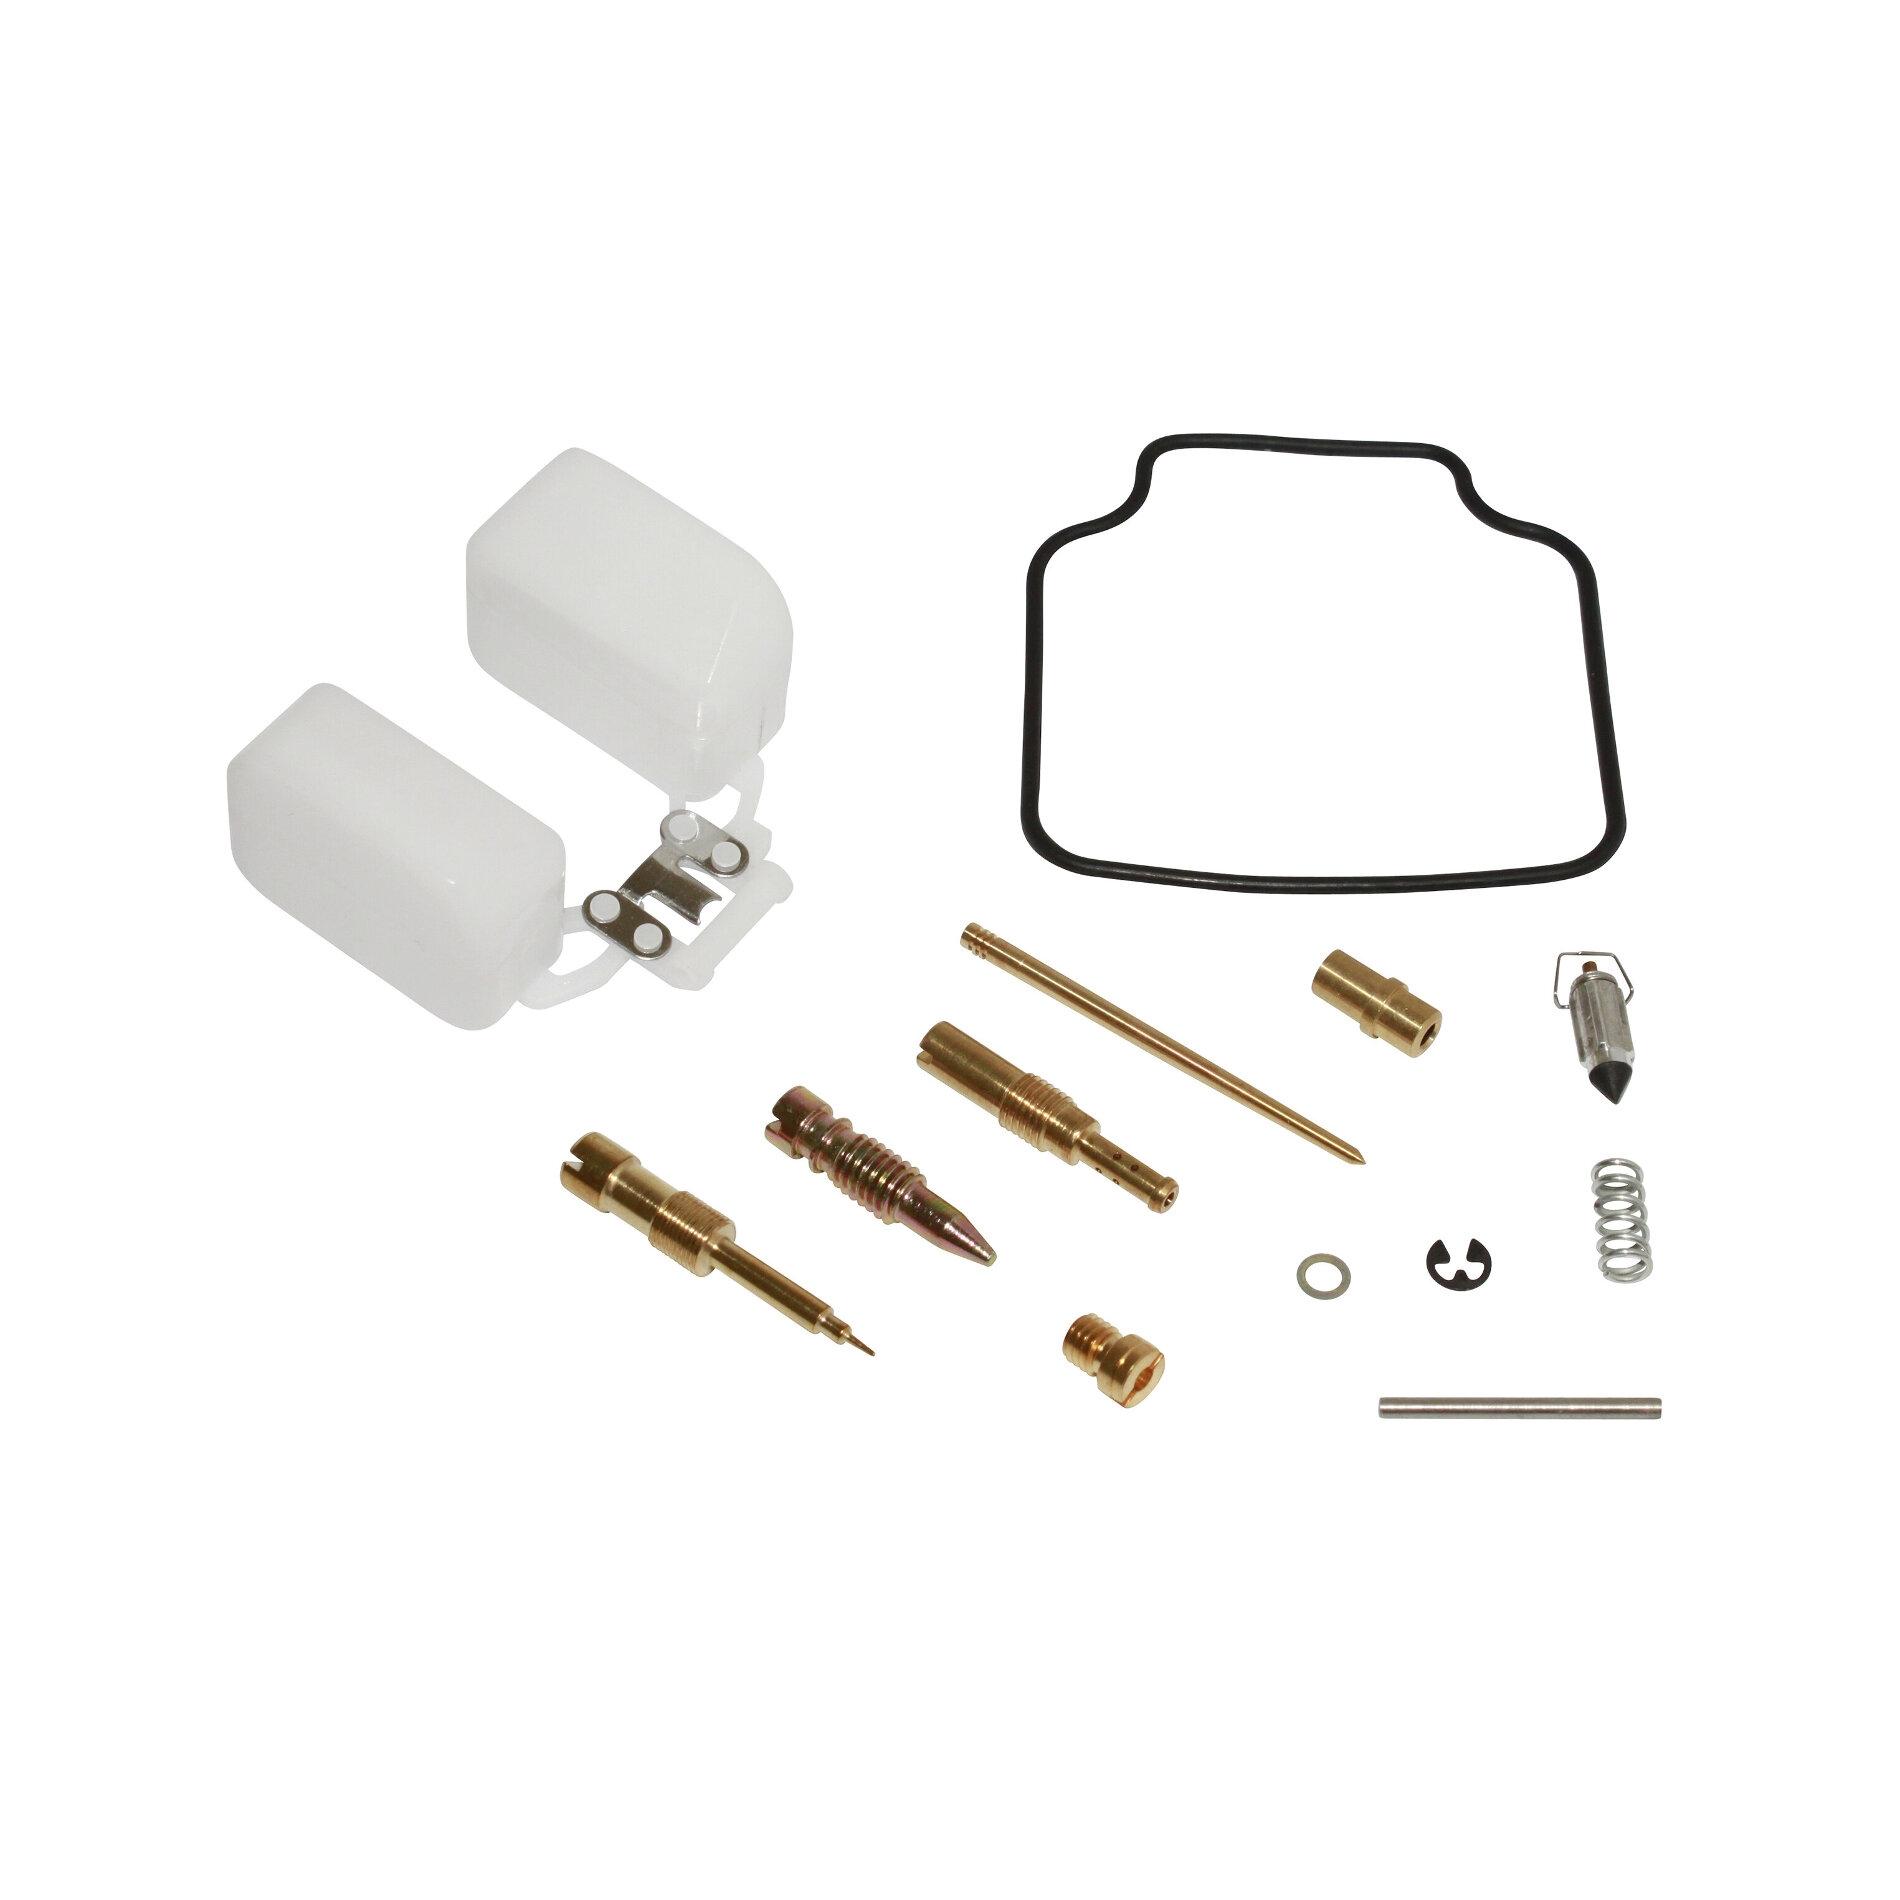 Kit réparation carburateur 1Tek Origine maxi-scooter 152QMI